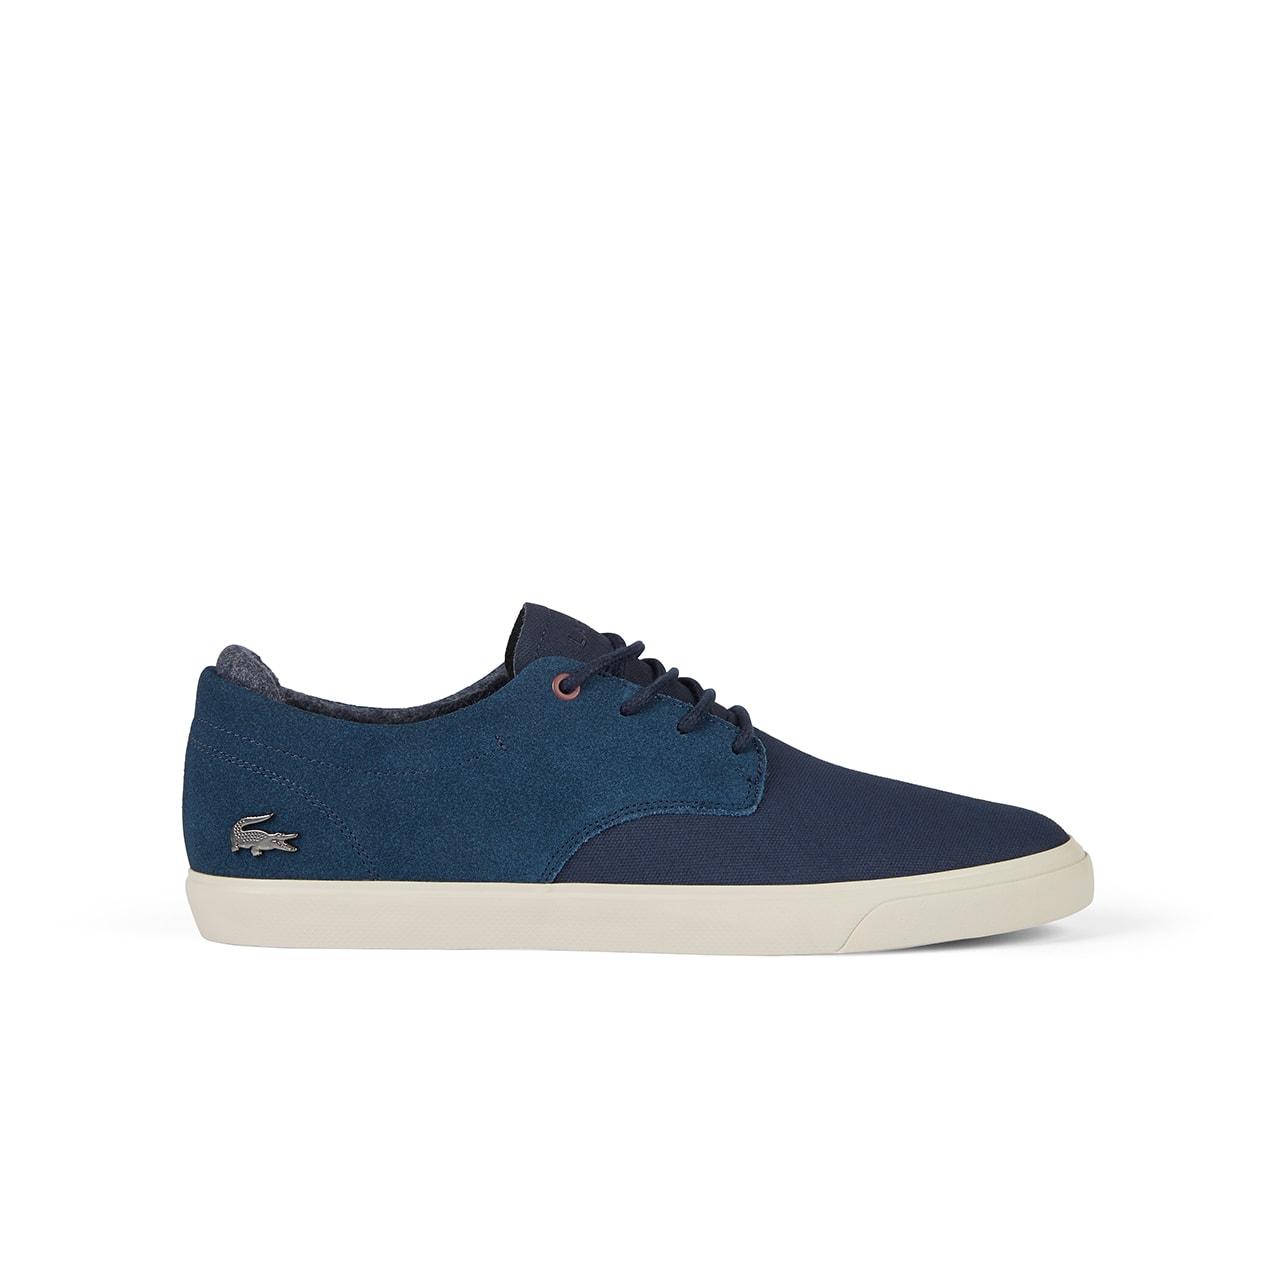 Men's Espere Suede Sneakers